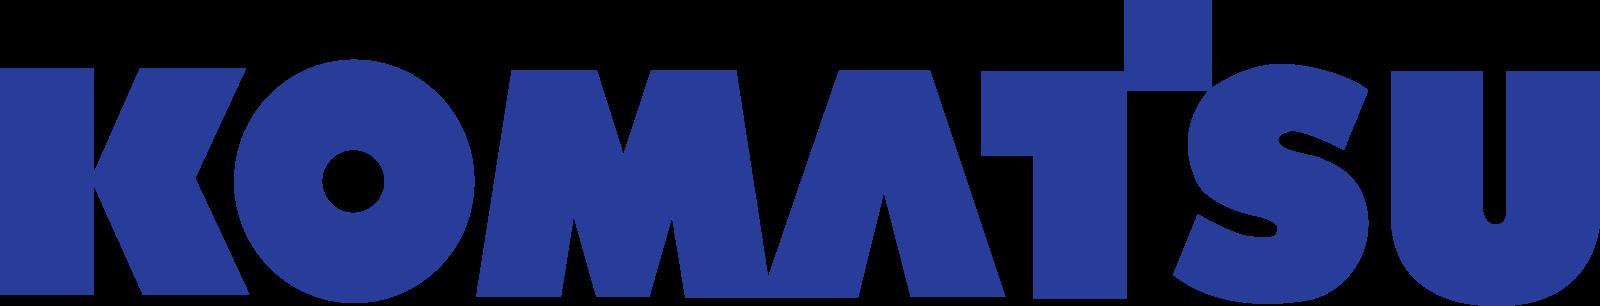 komatsu-logo-2